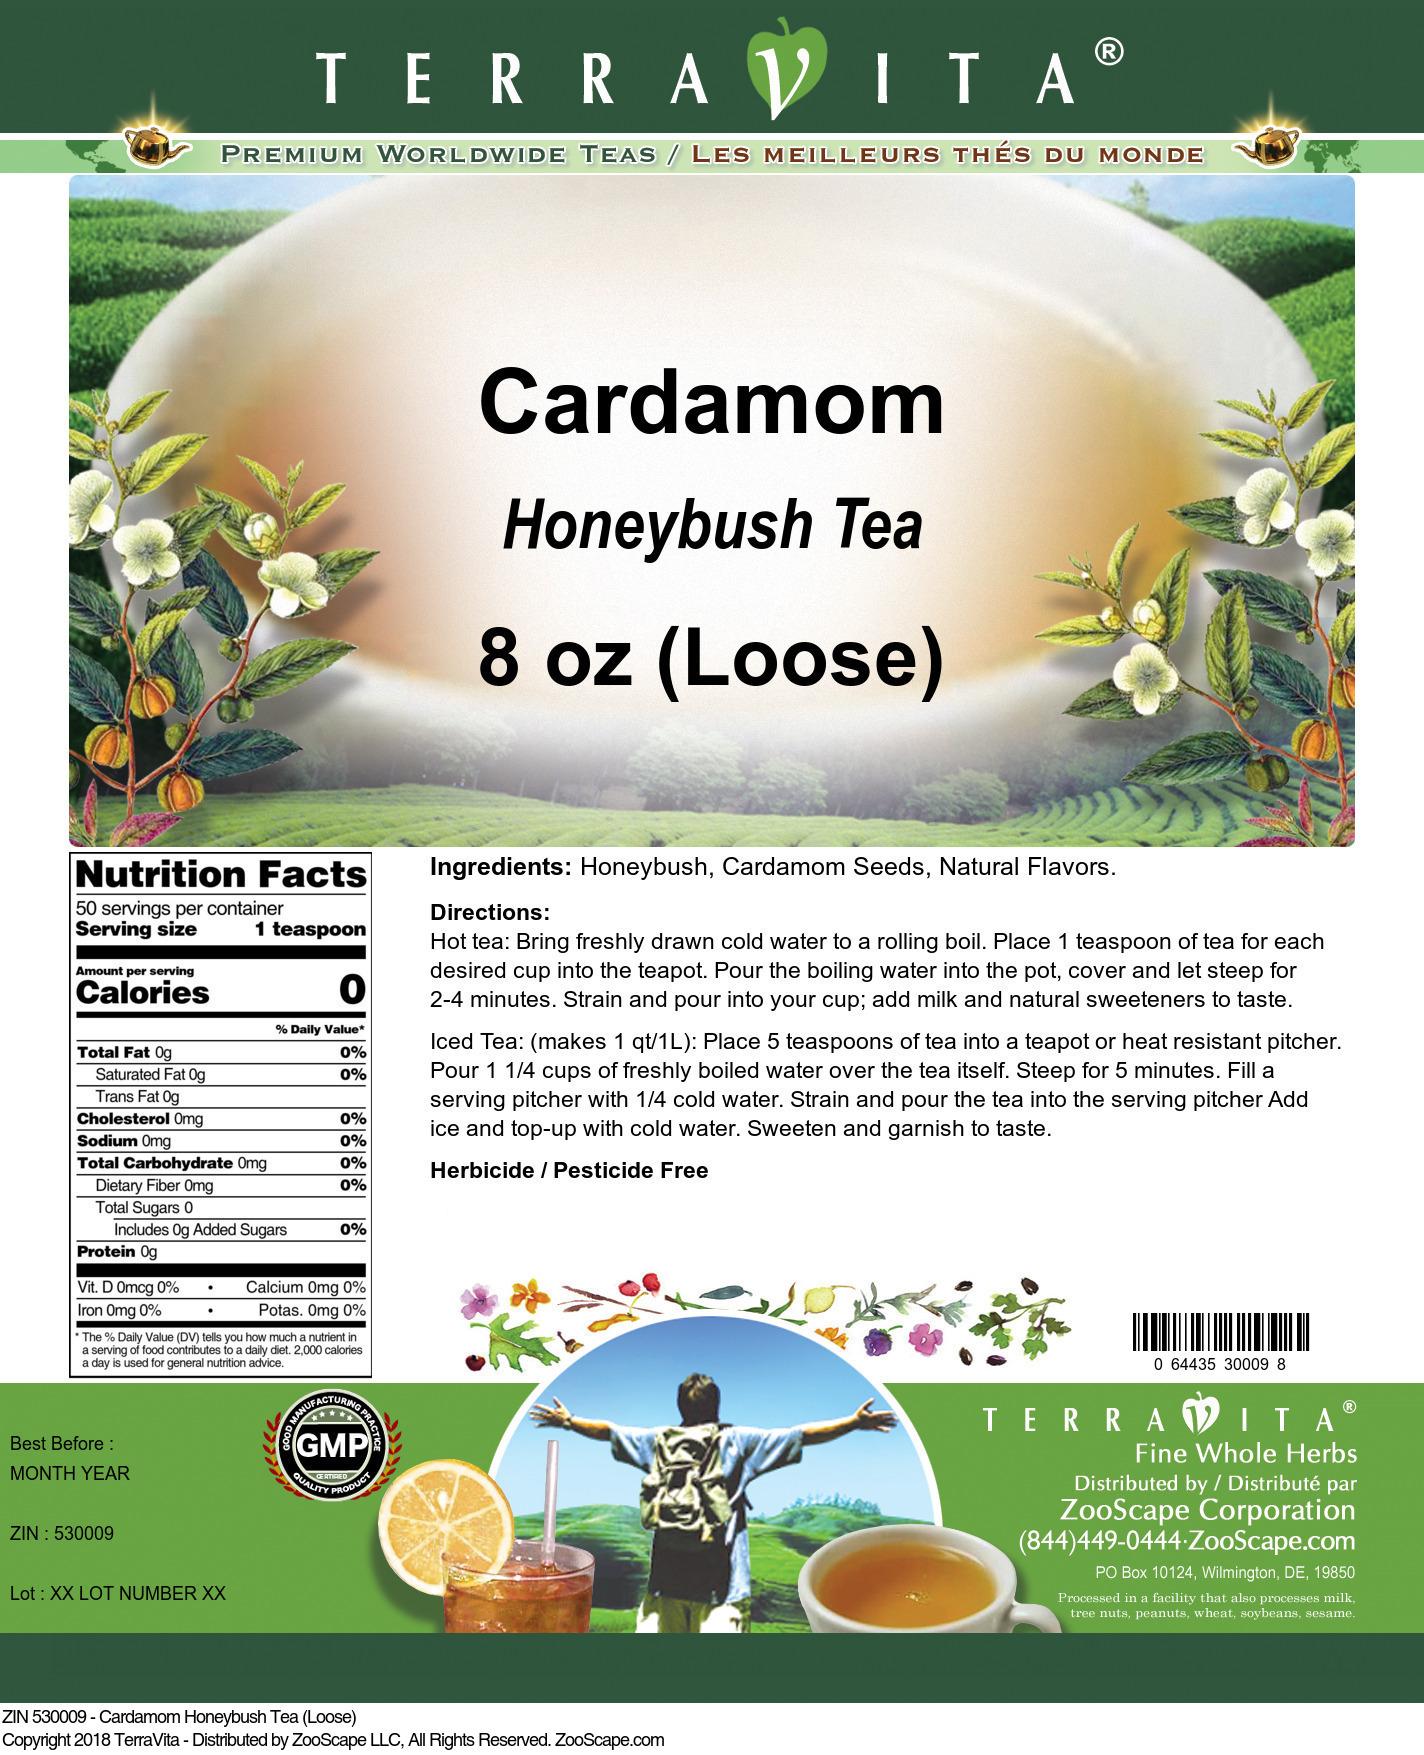 Cardamom Honeybush Tea (Loose)